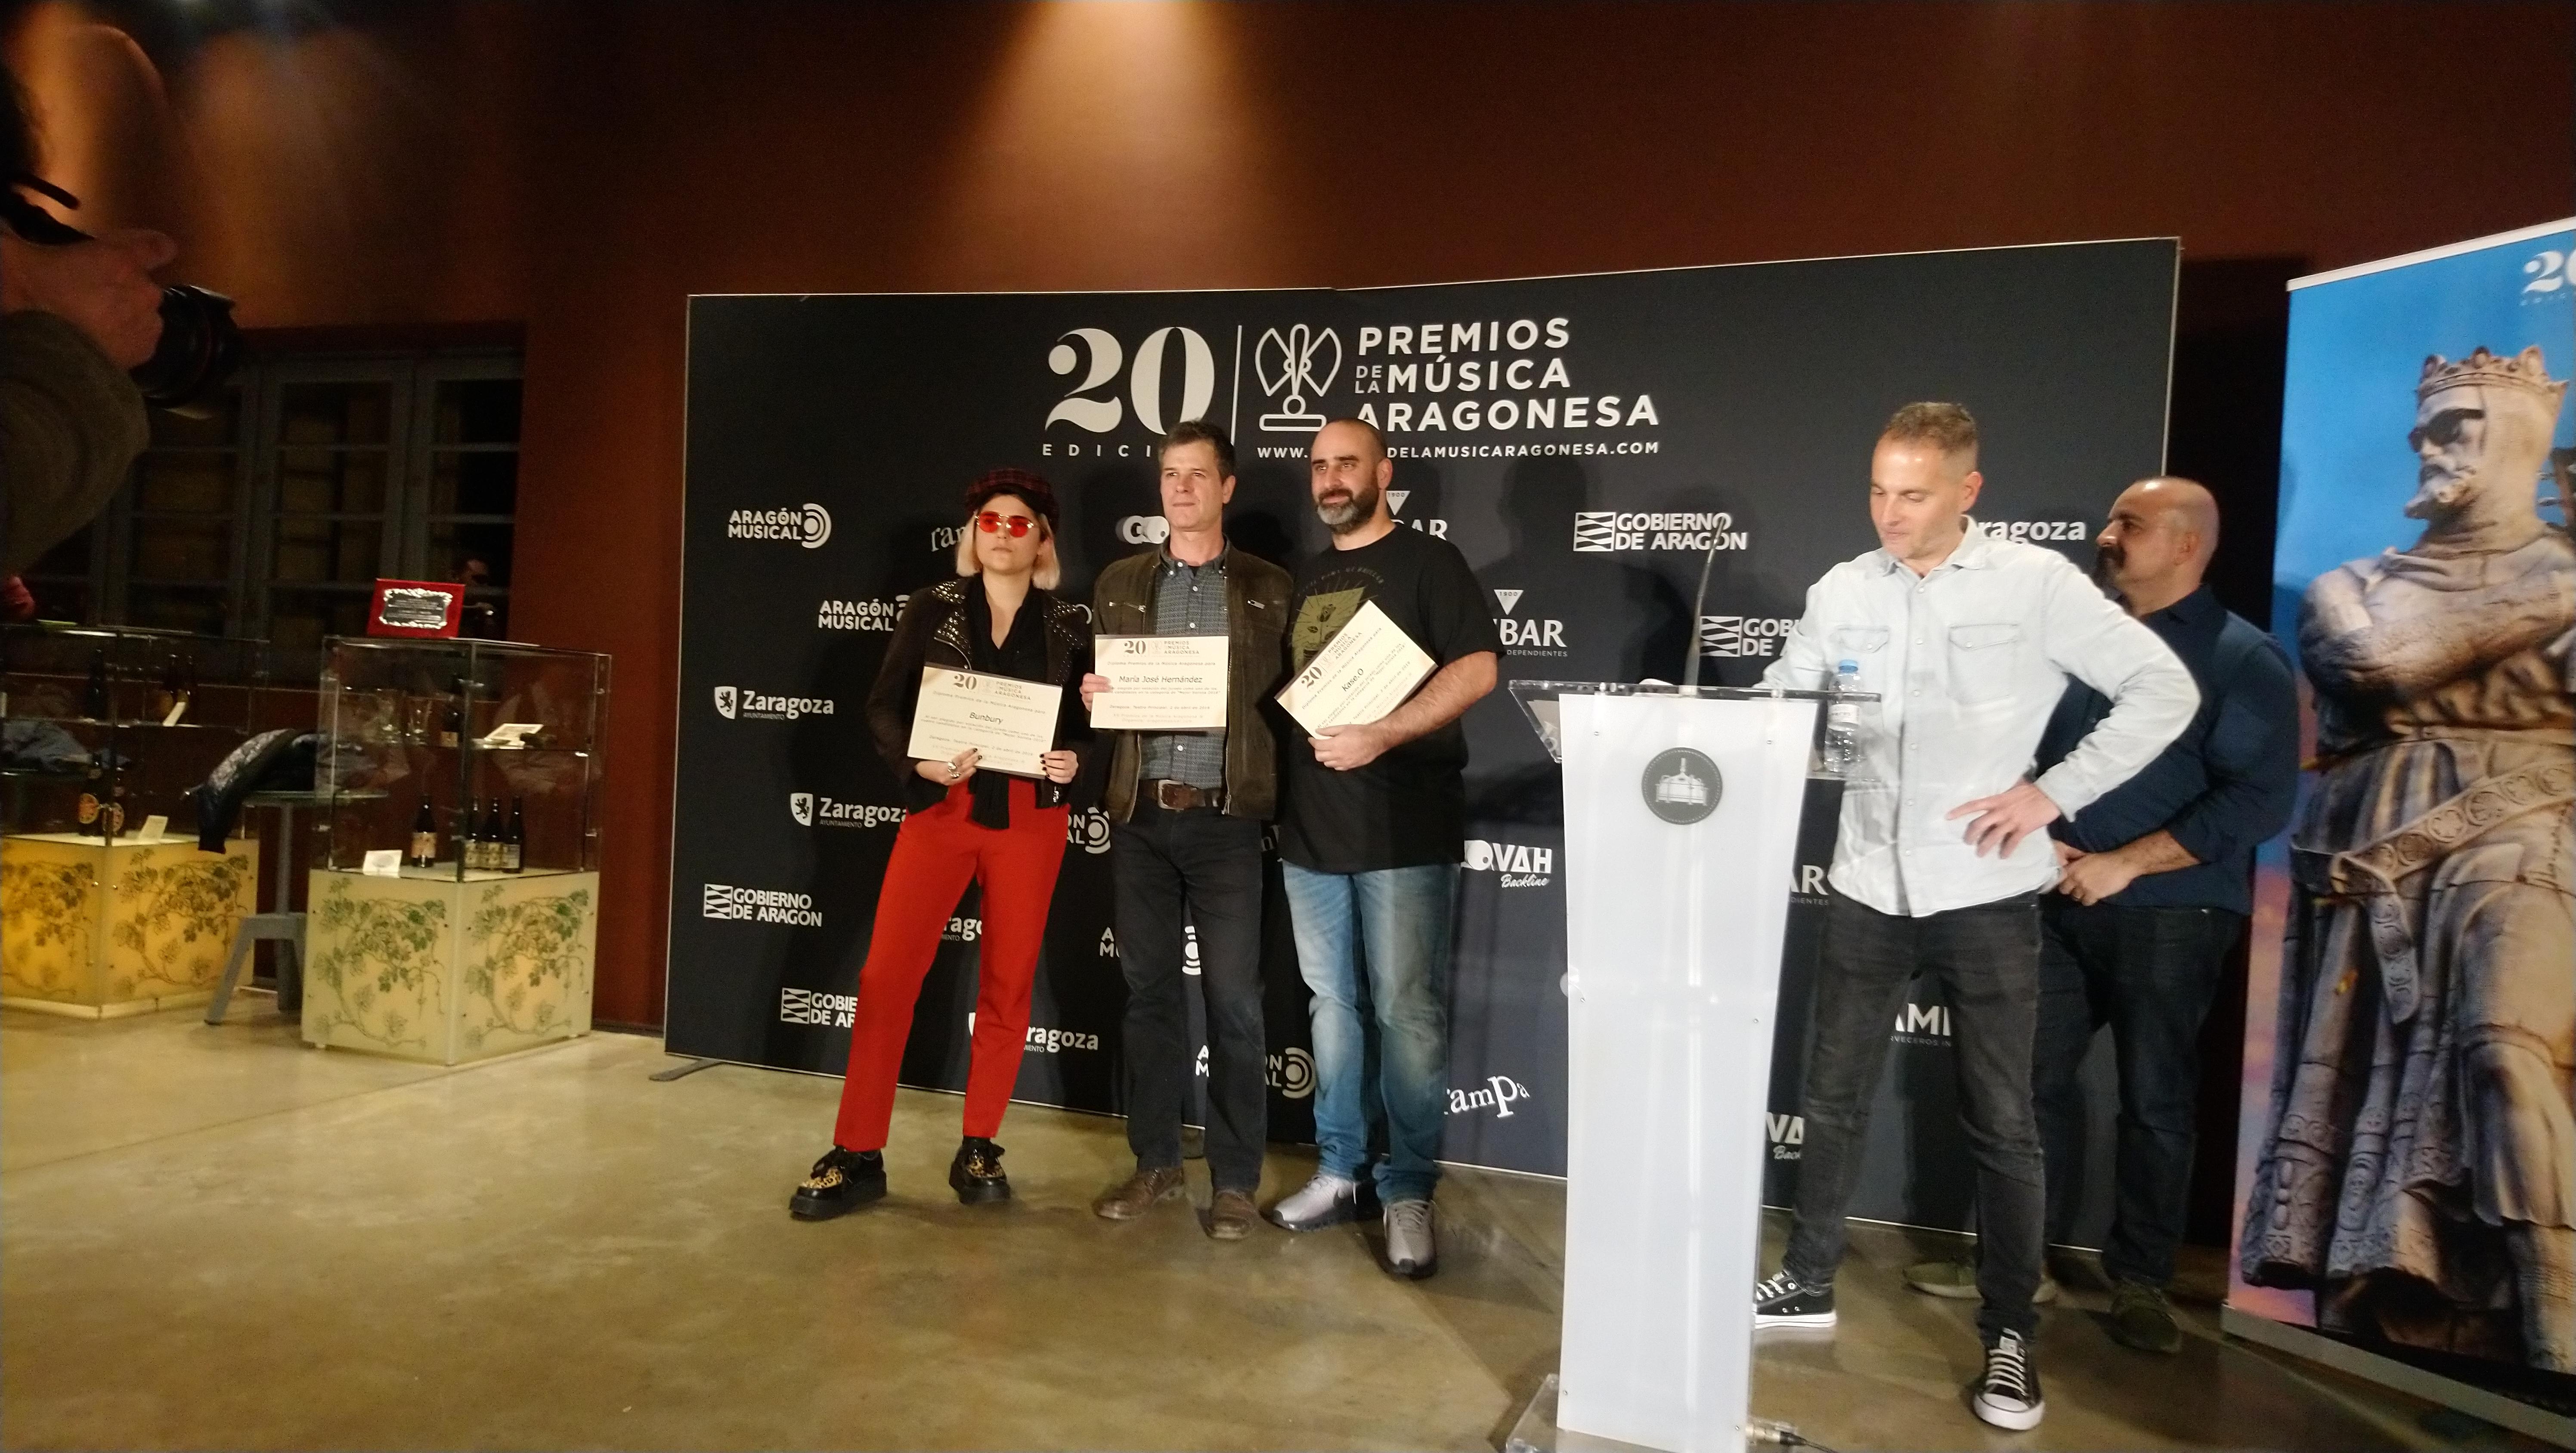 XX Premios de la Música Aragonesa. Nominados a Mejor Solista.